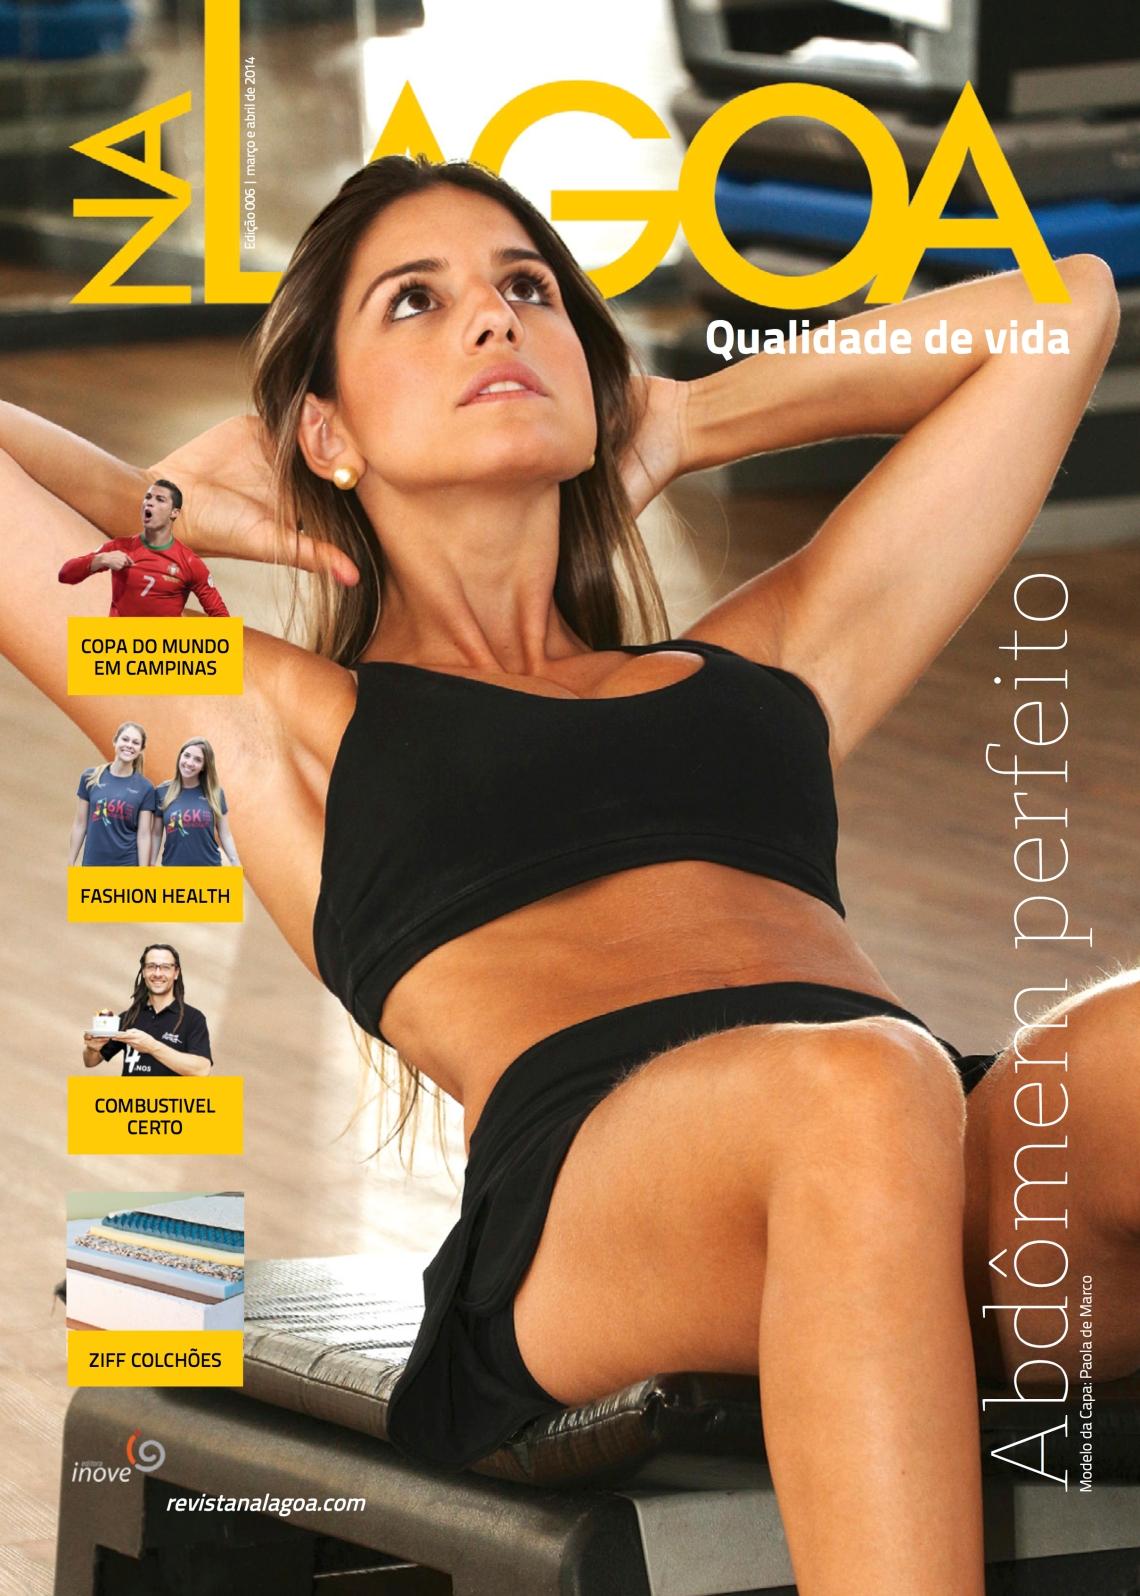 Revista NaLagos Paola